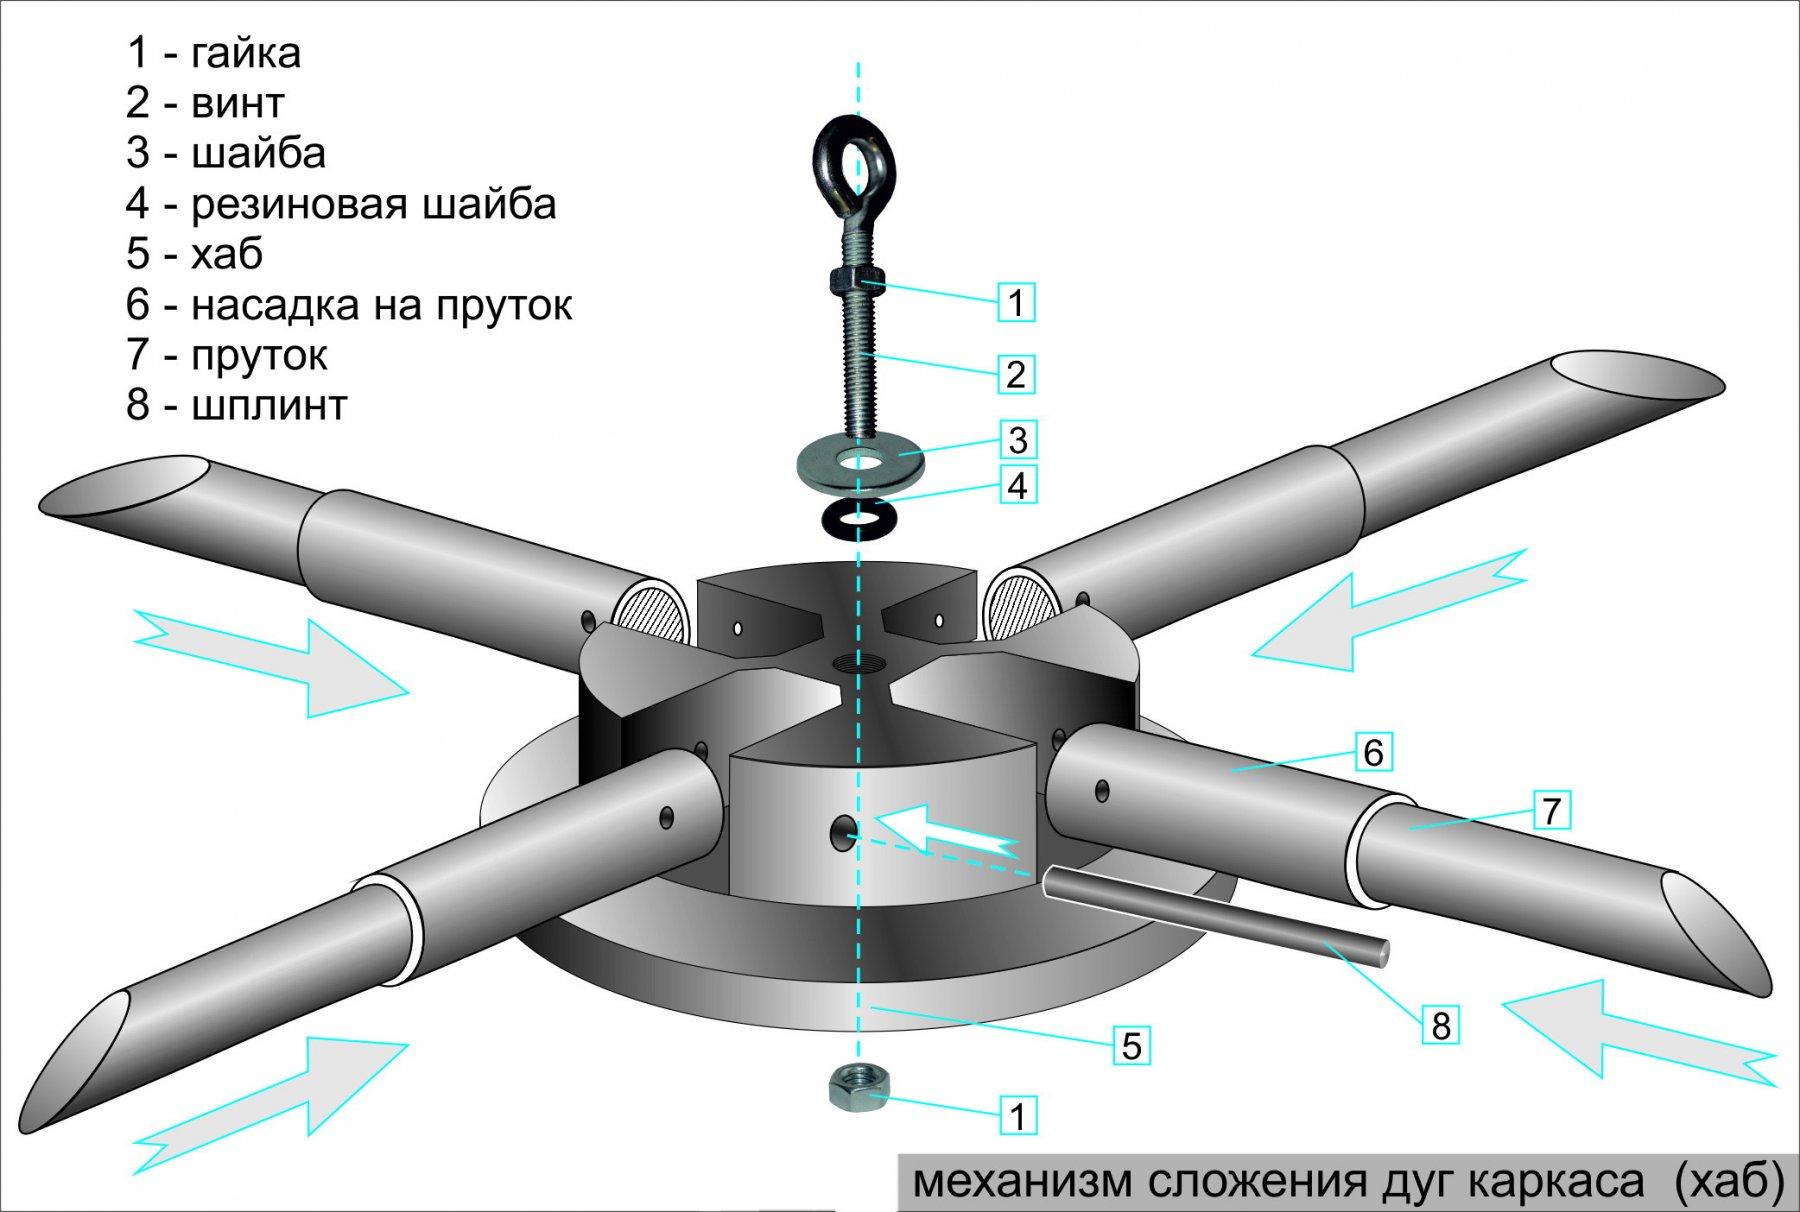 Механизм сложения дуг каркаса Лотос Куб с системой крепления шплинт